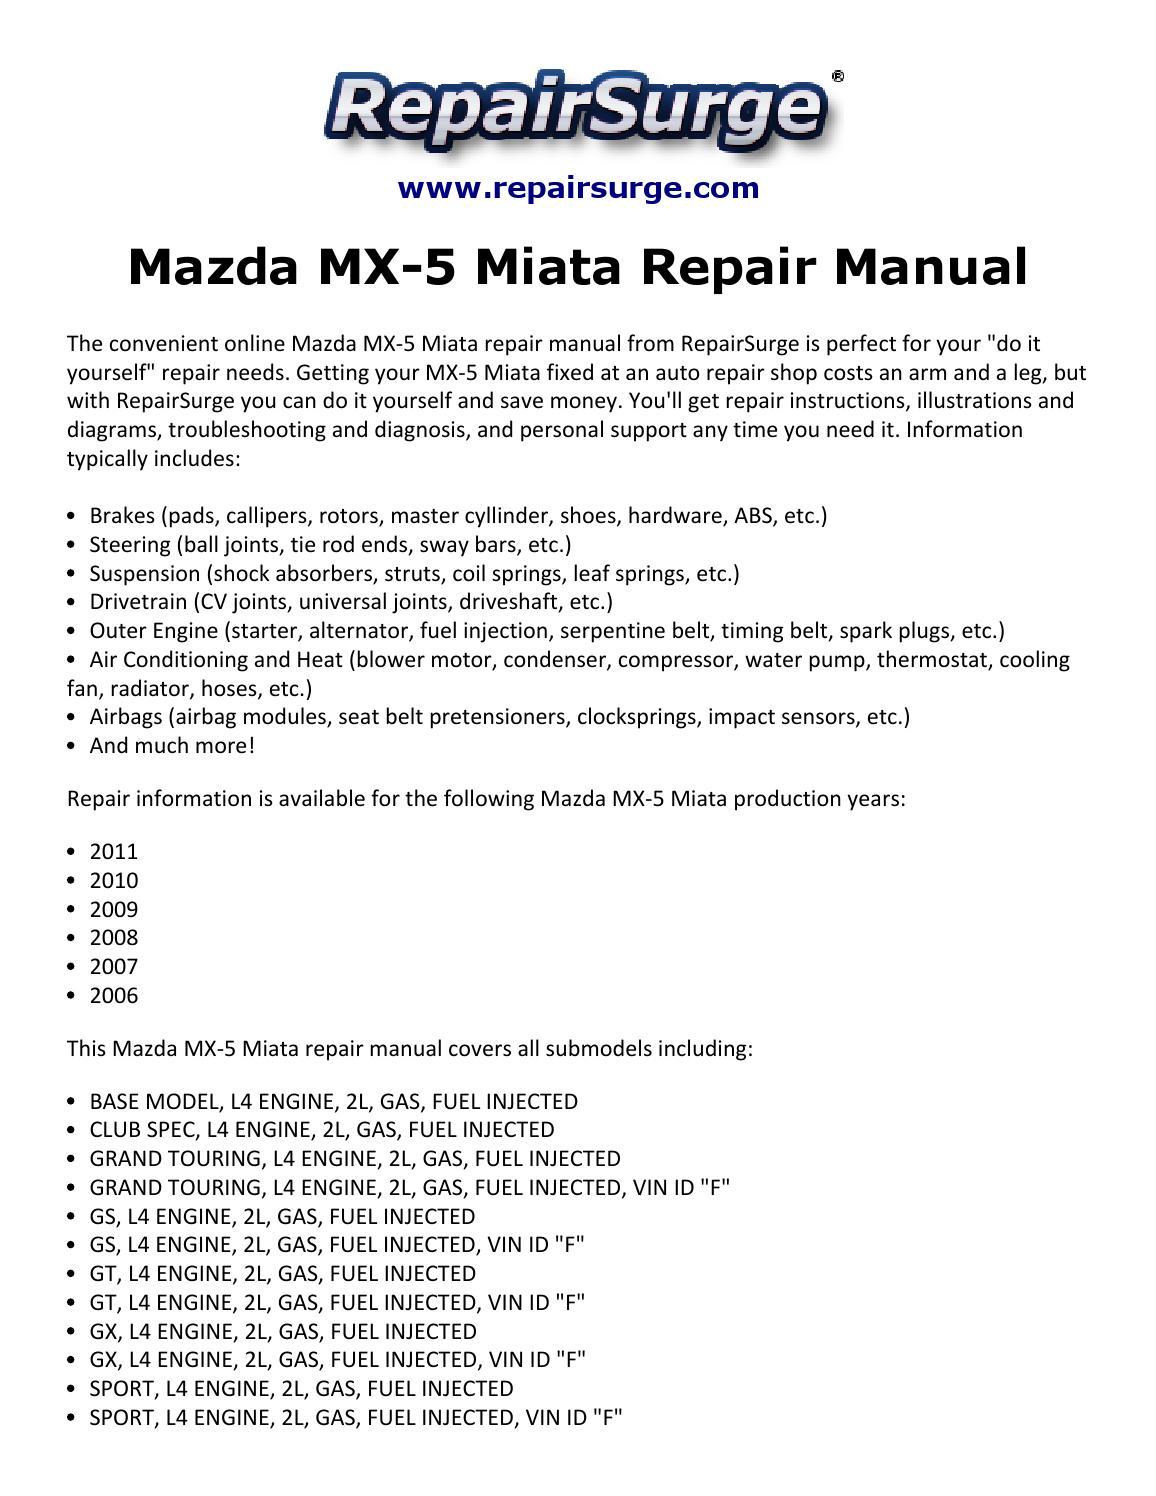 Mazda Mx 5 Miata Repair Manual 2006 2011 By Smith Collin